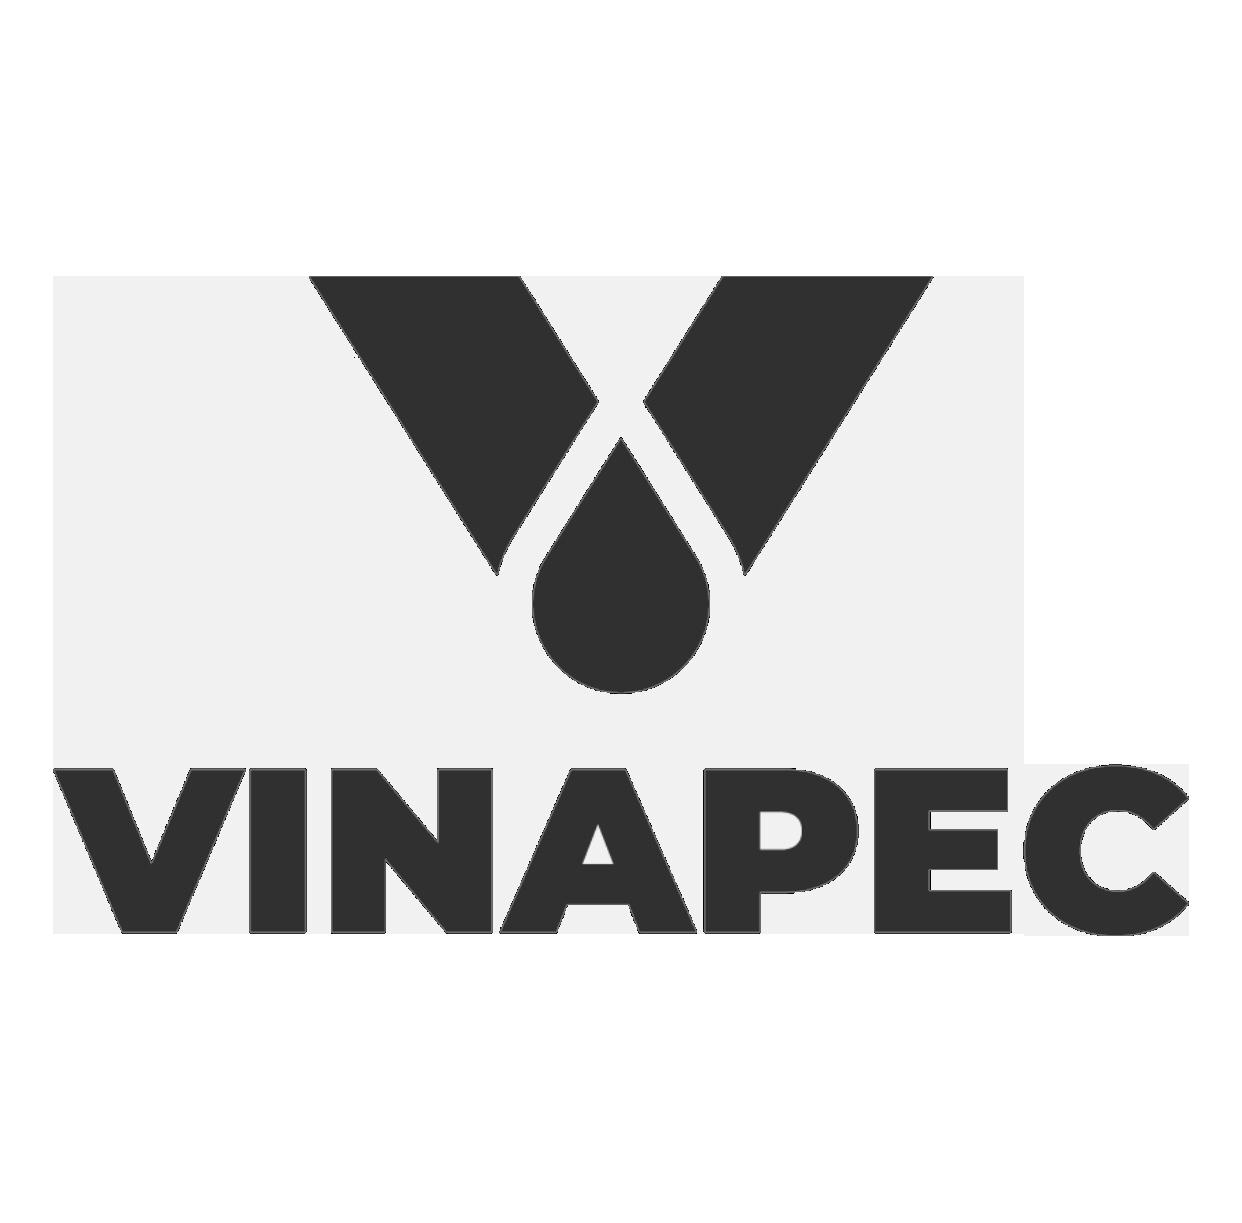 Vinapec Việt Nam